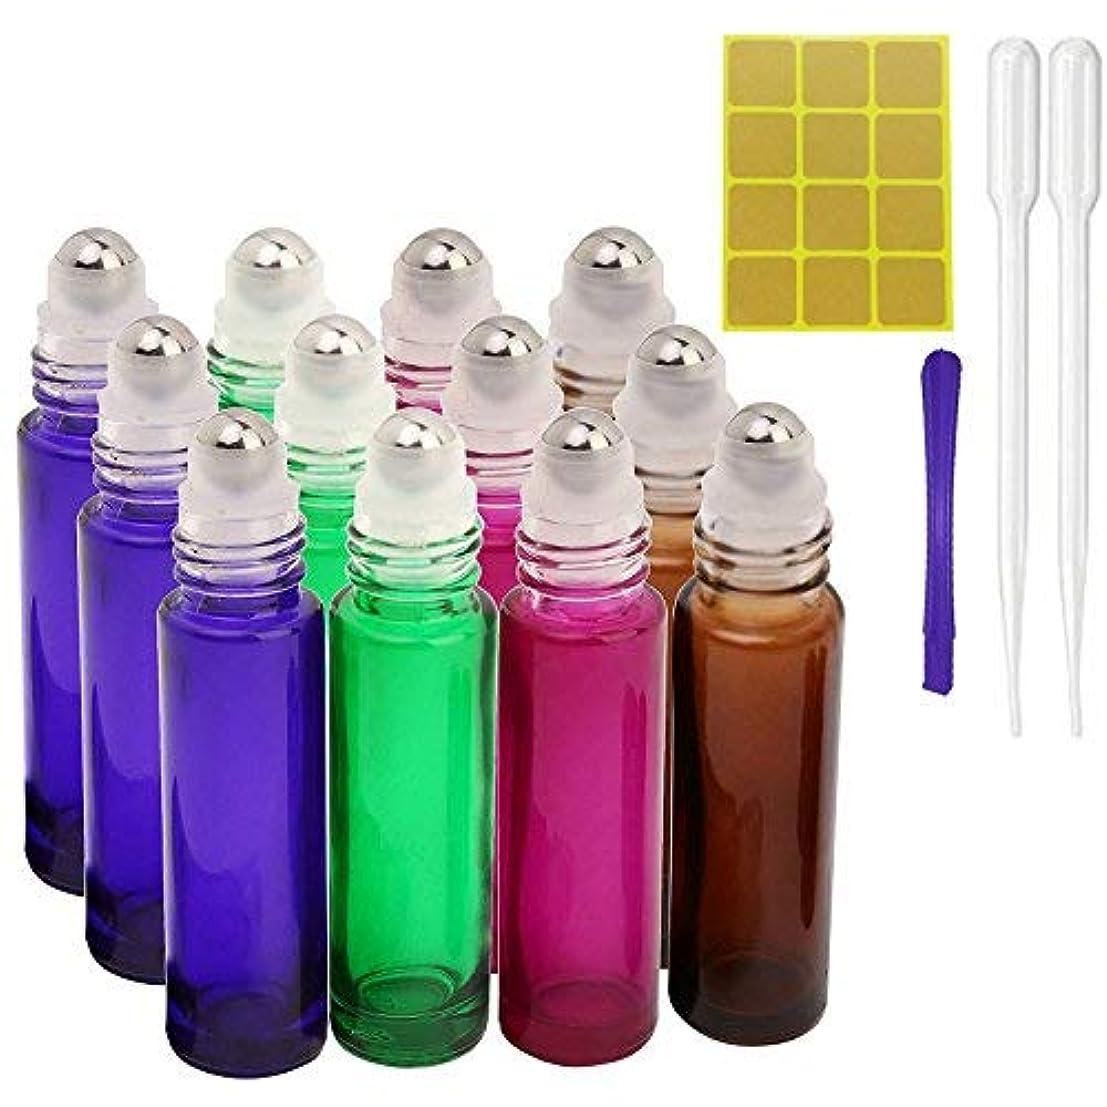 快適平和的おいしい12, 10ml Roller Bottles for Essential Oils - Glass Refillable Roller on Bottles with 1 Opener, 2 Droppers, 24 Pieces Labels, Suitable for Aromatherapy, Essential Oils By JamHooDirect (4 Colors) [並行輸入品]